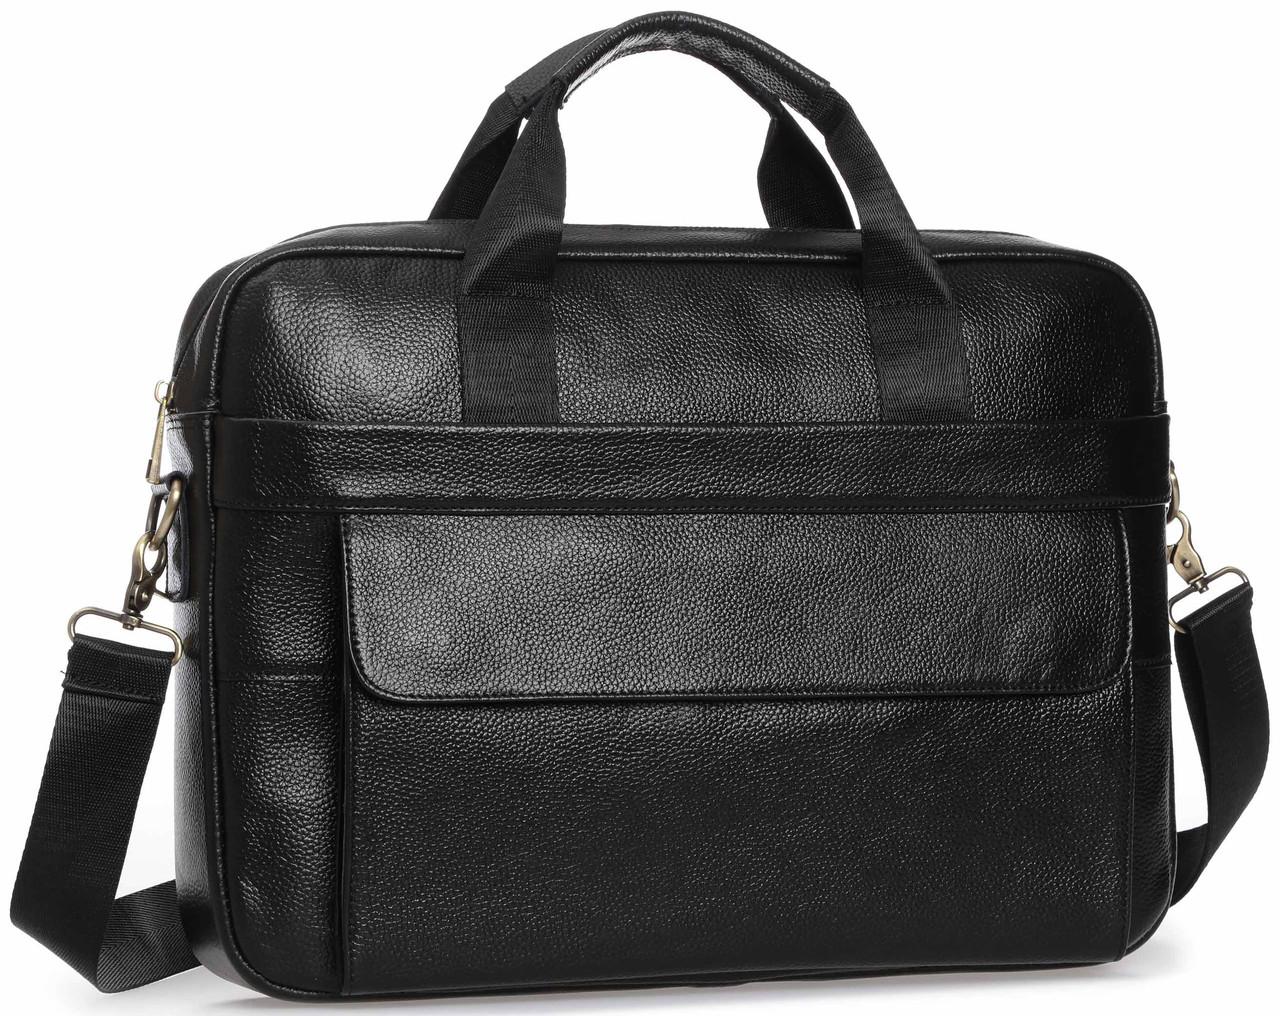 Сумка-портфель мужская кожаная для документов Tiding Bag A25-1131A